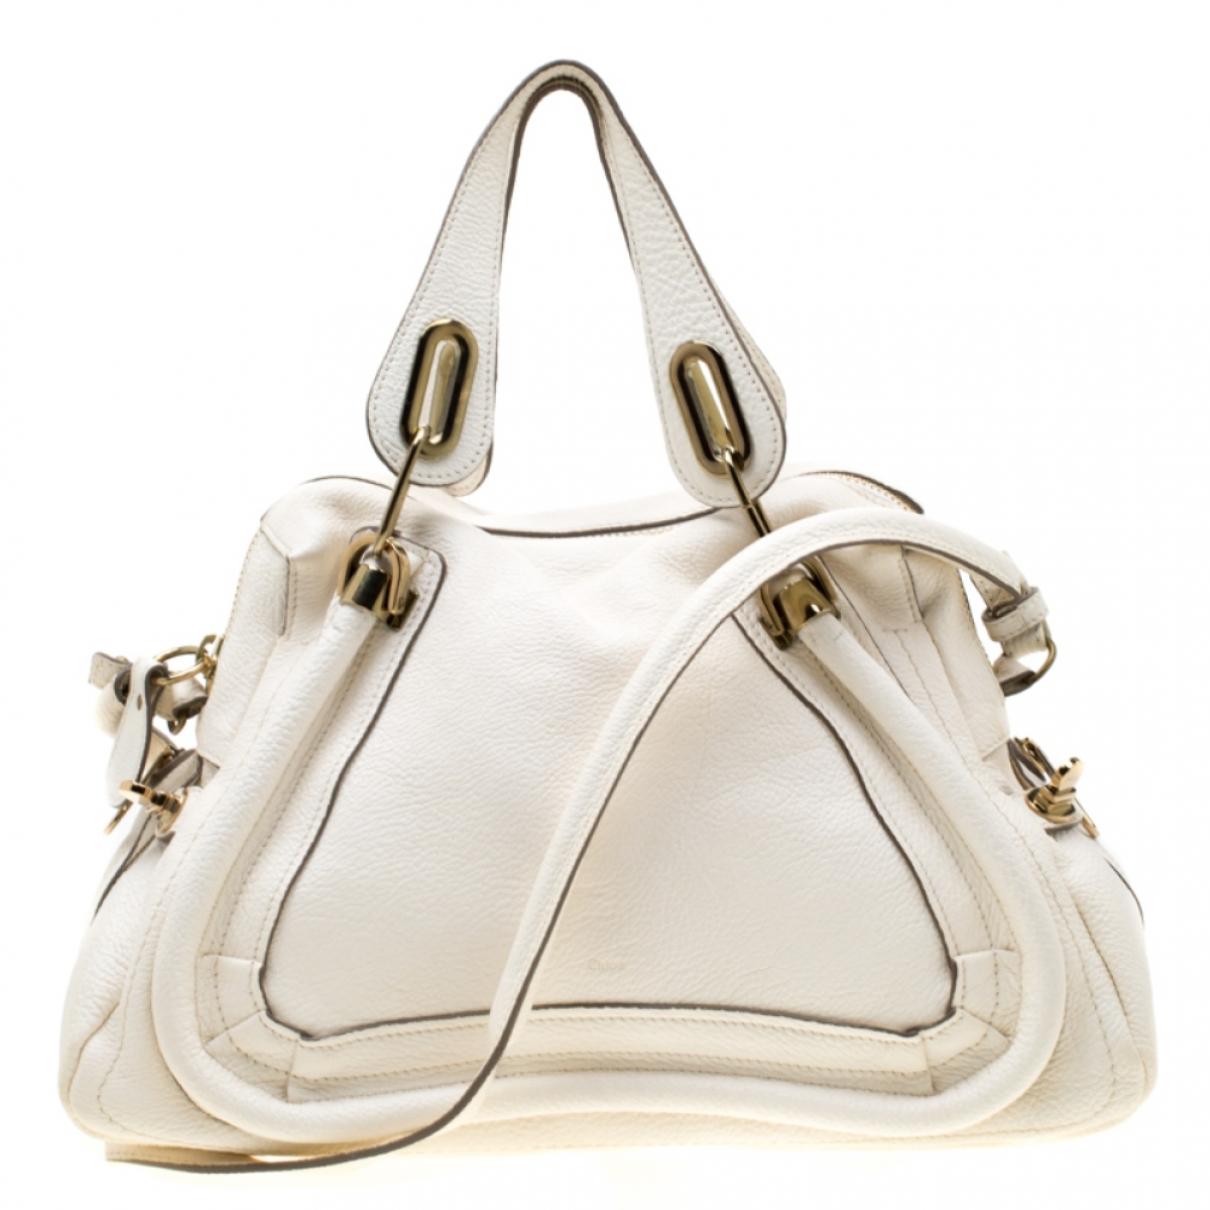 Chloé \N White Leather handbag for Women \N